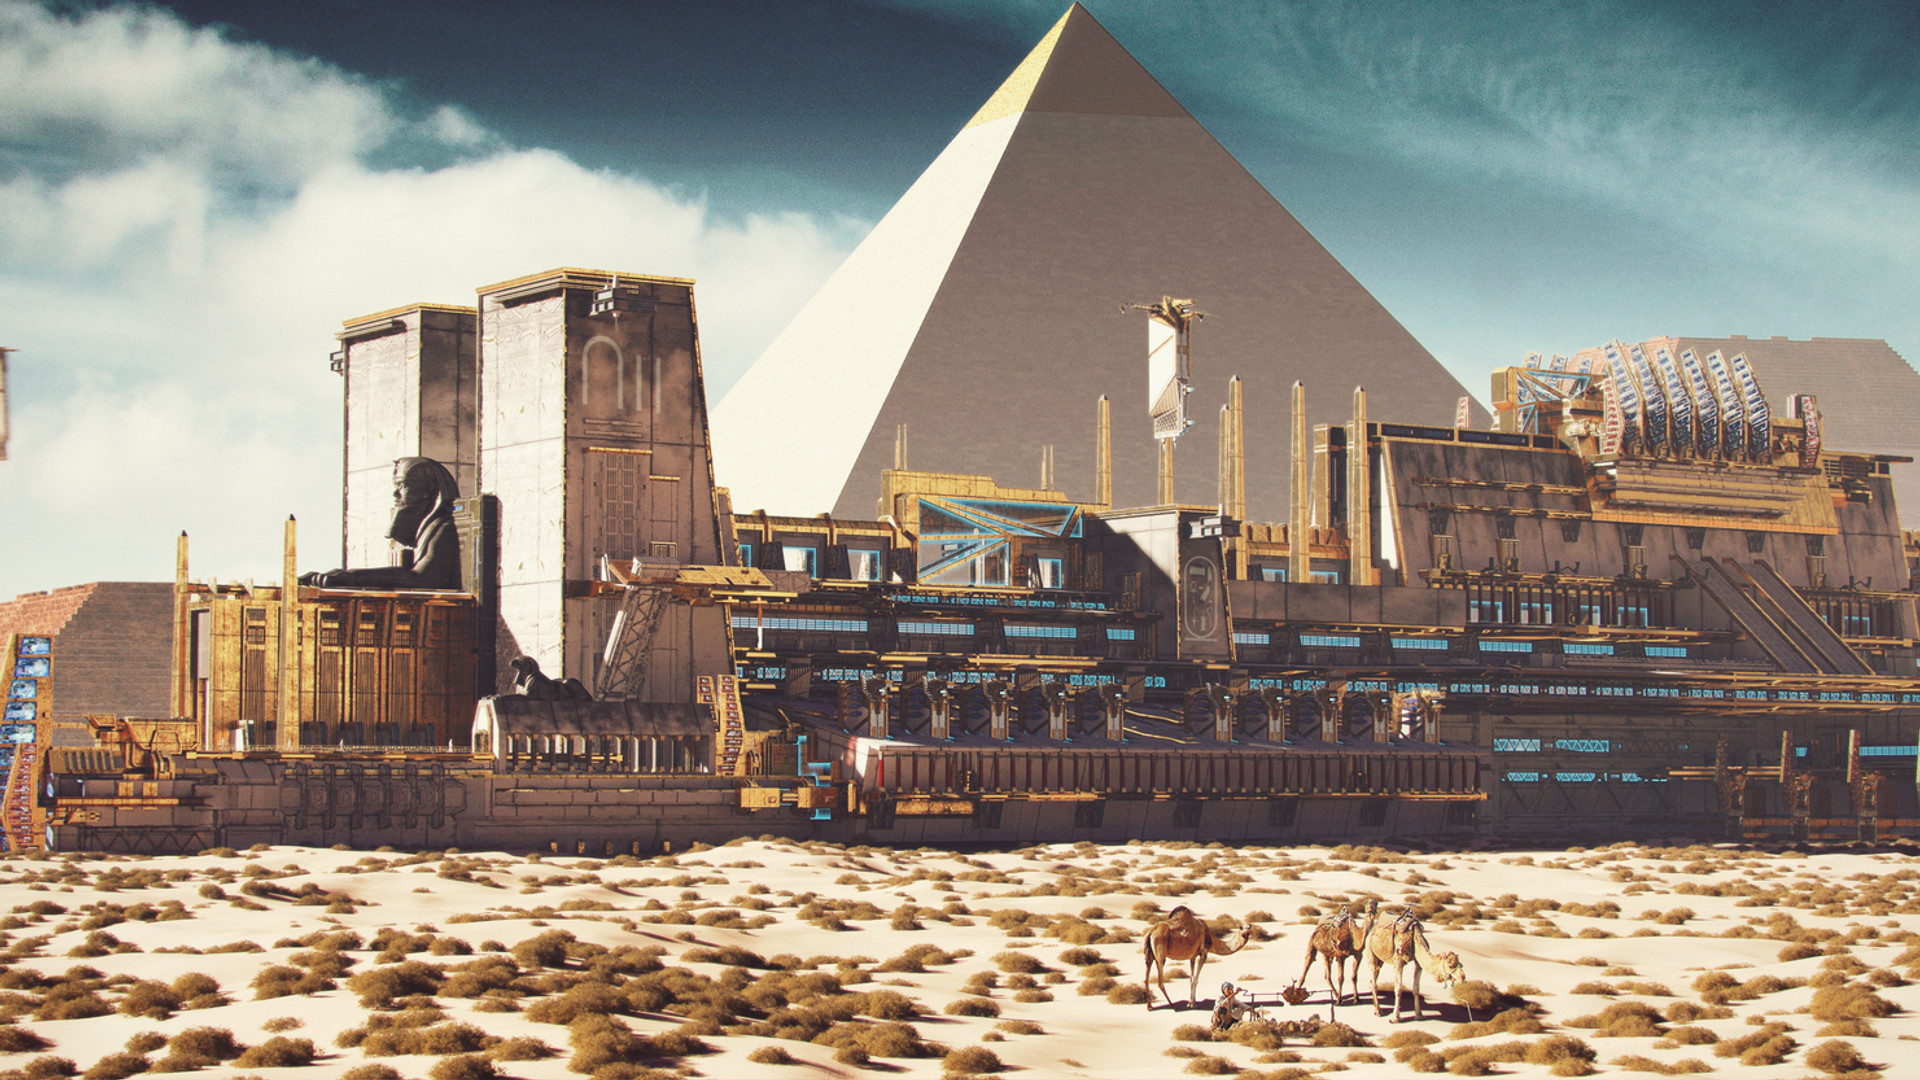 Building of pyramids